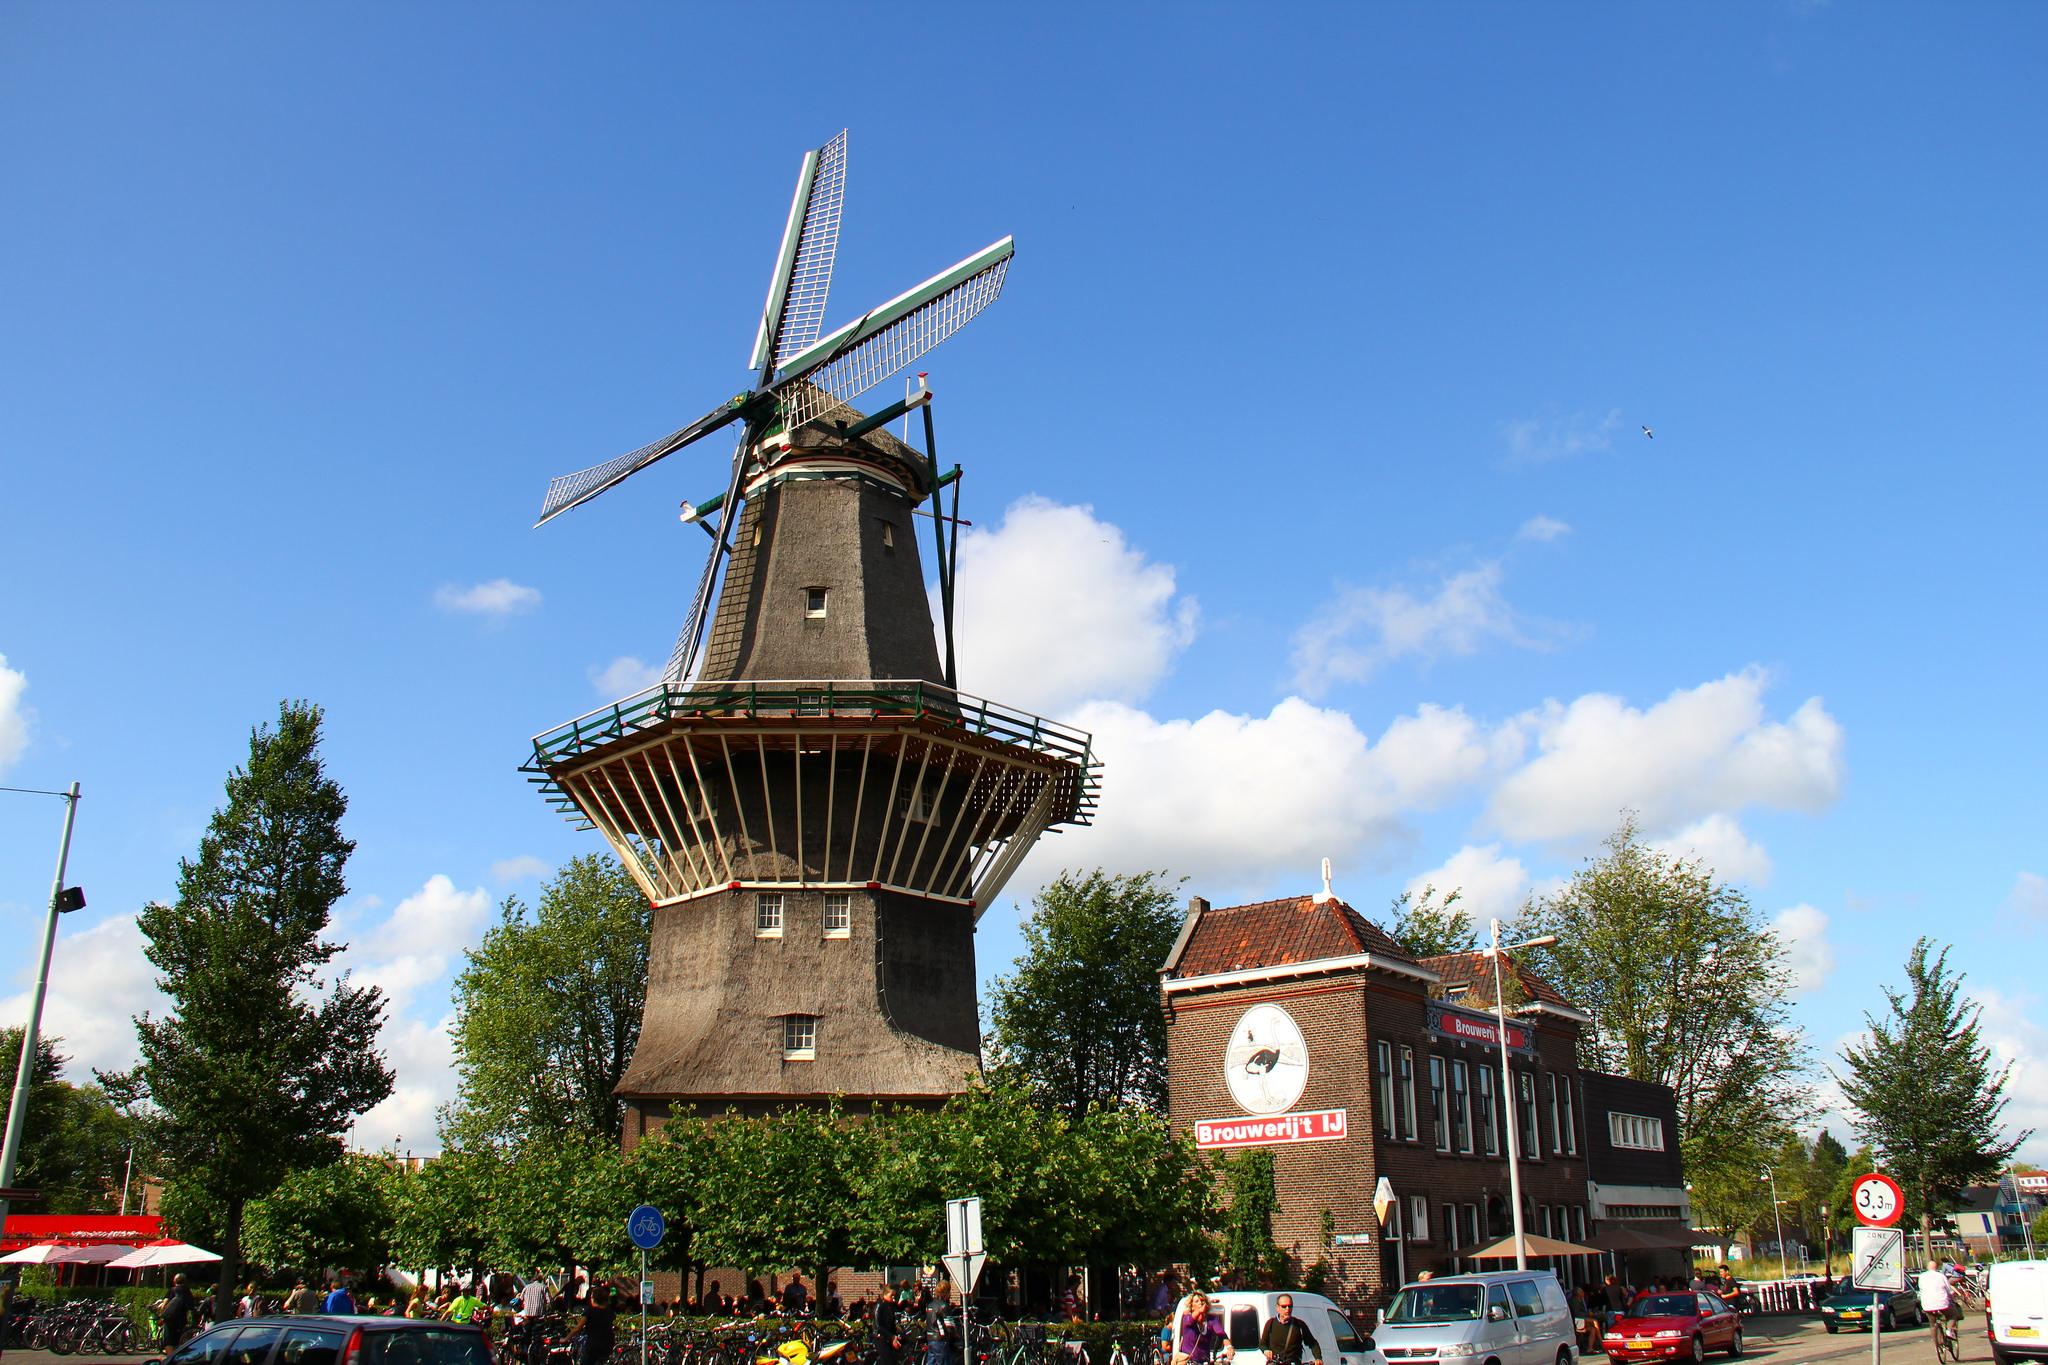 ijbrouwerij - Cervezas Artesanales en Ámsterdam